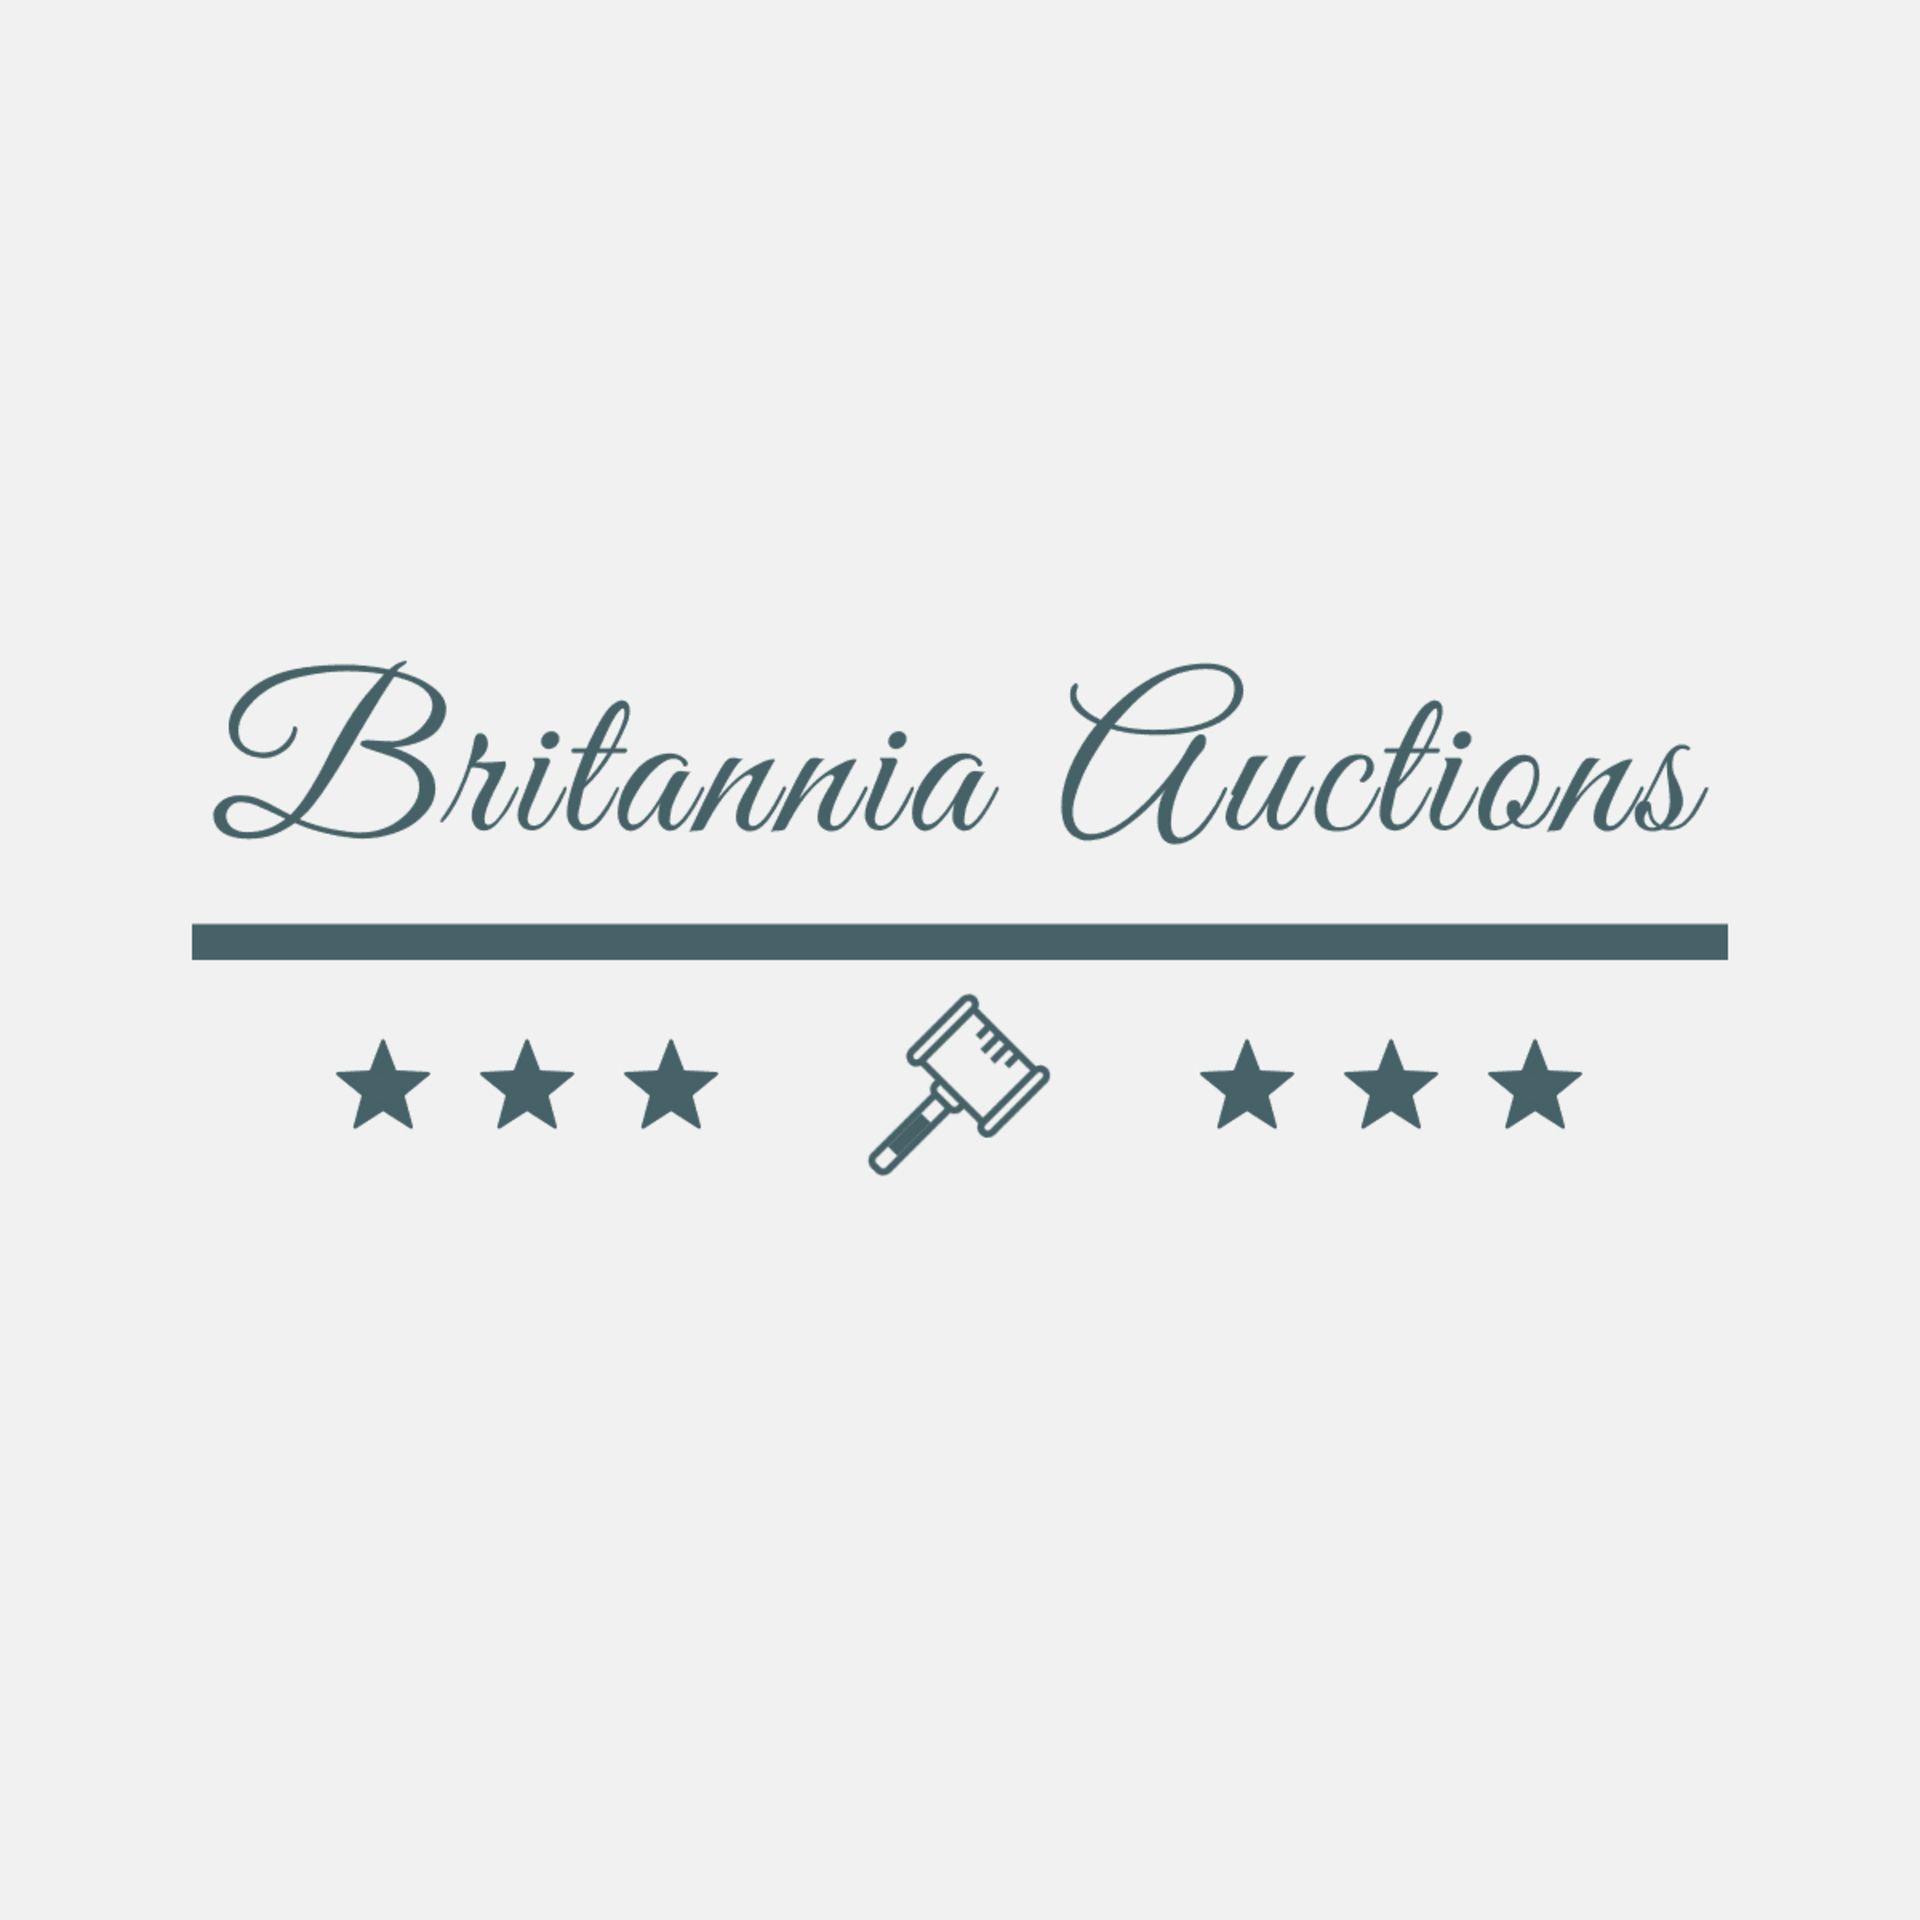 Britannia Auctions